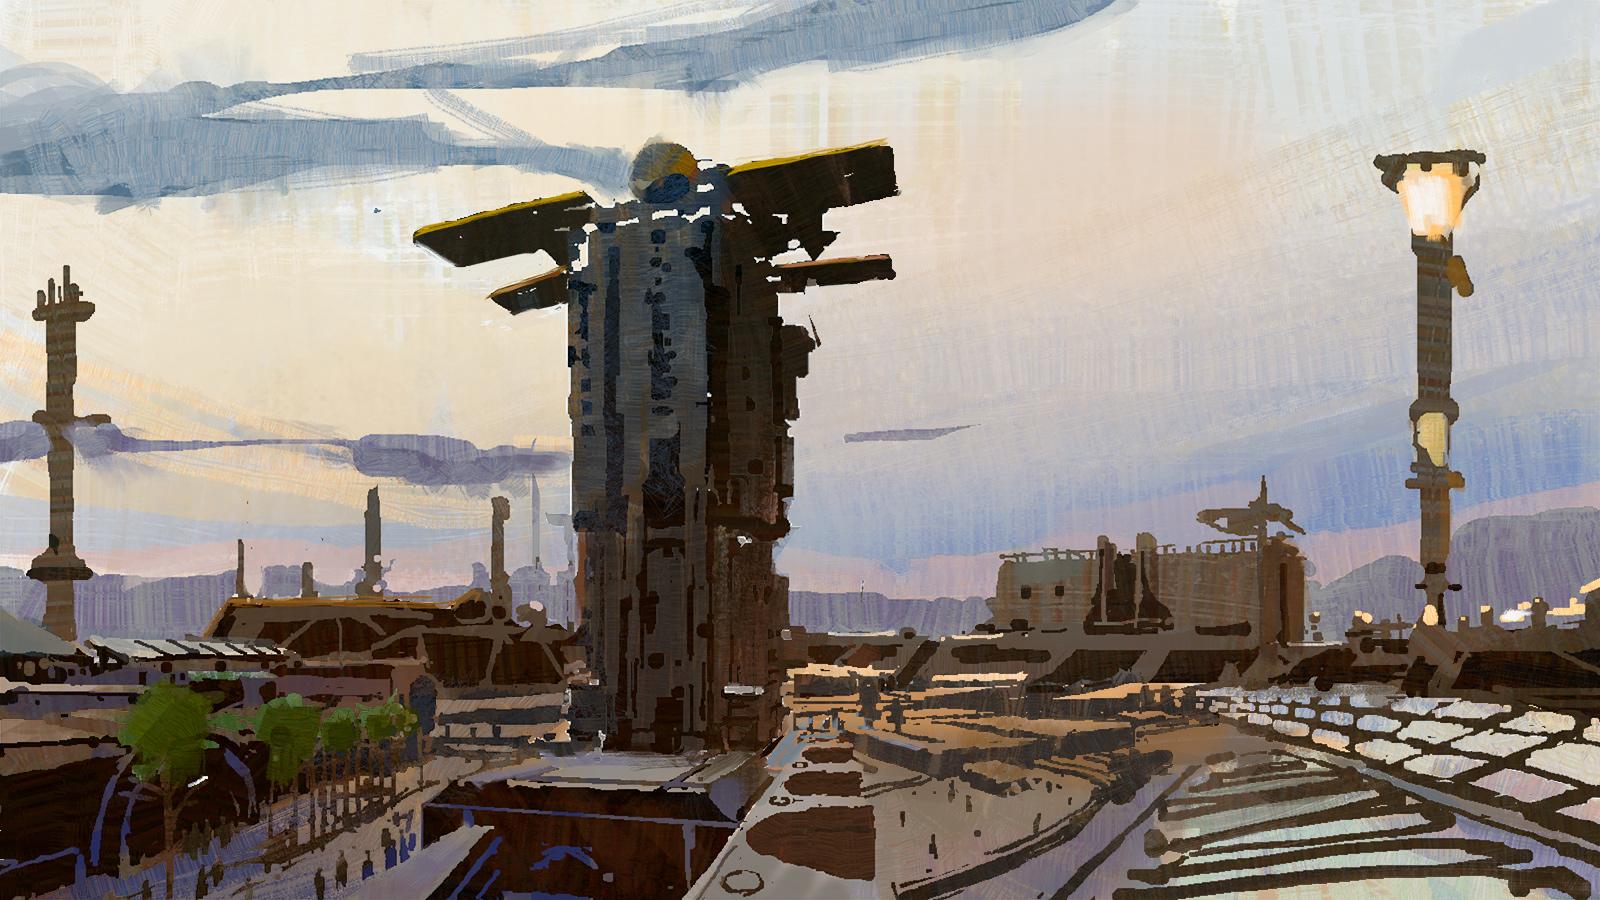 093018_Solar City Establishing Shot 1_EP